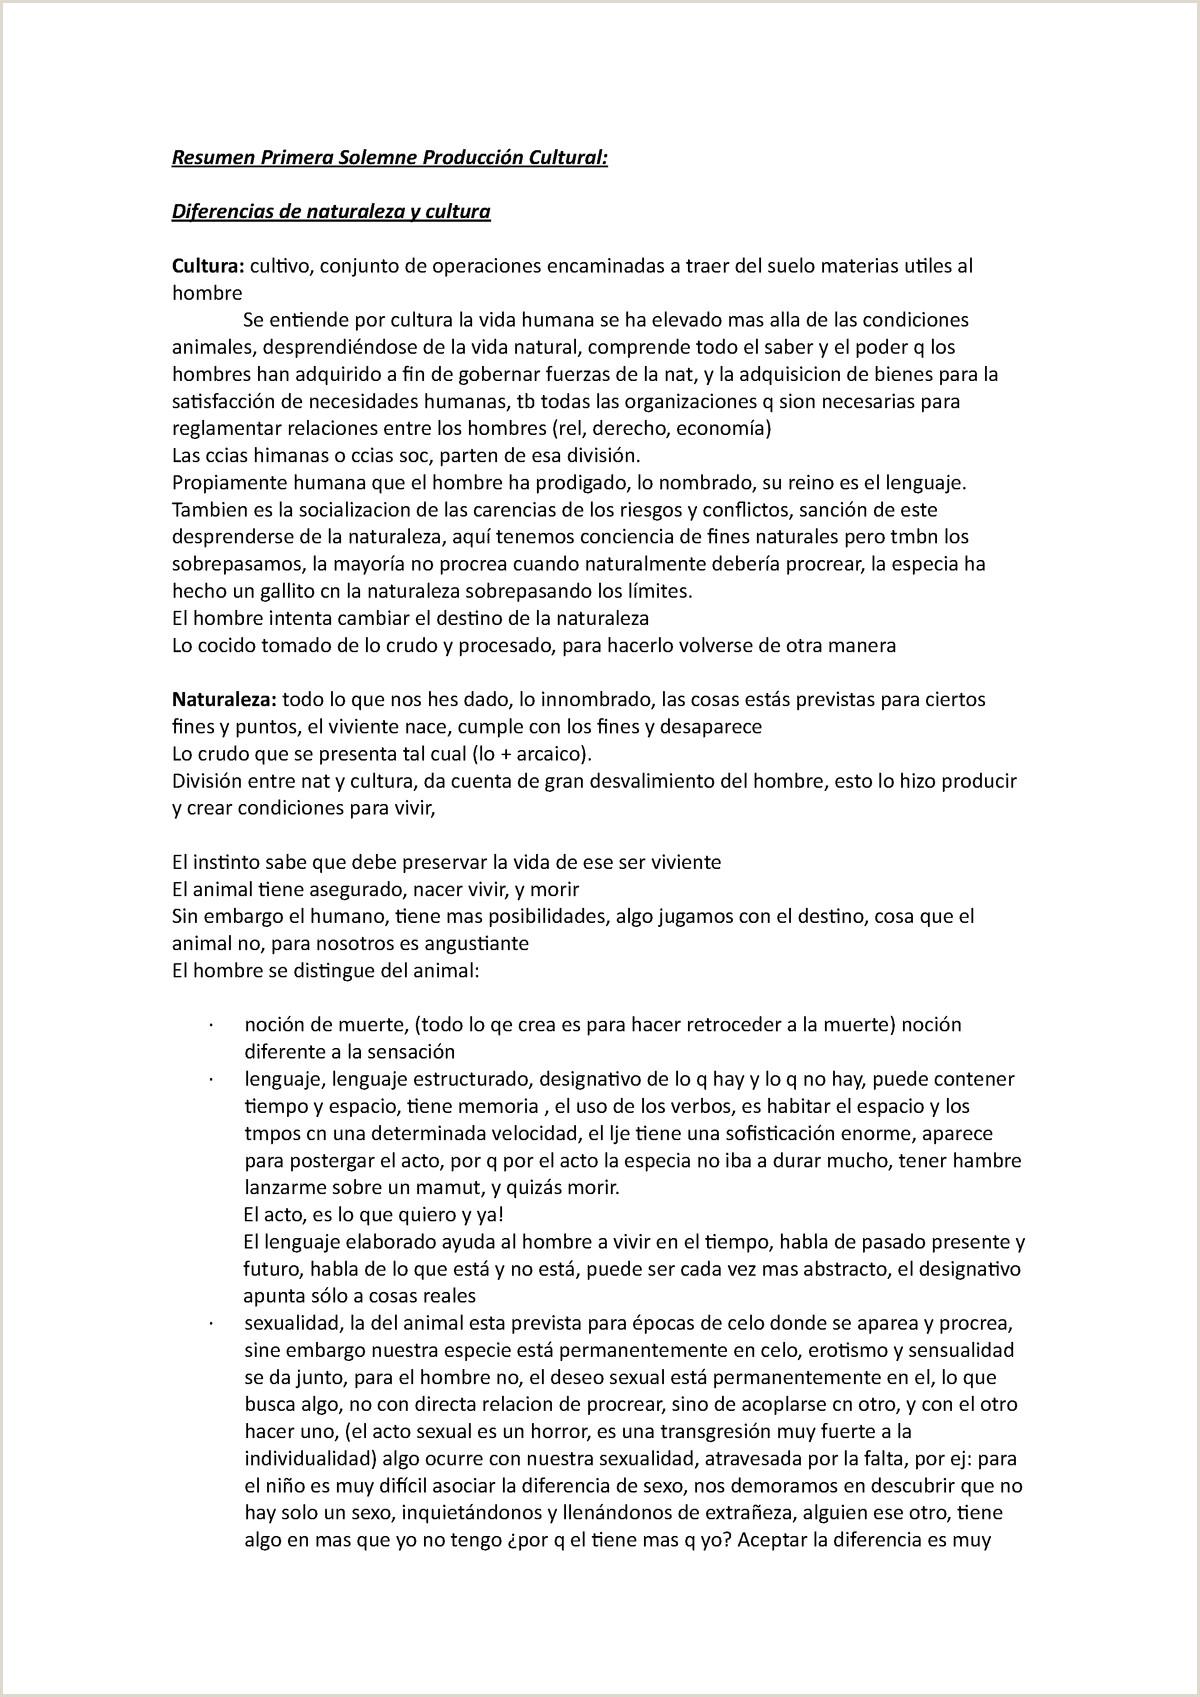 Hacer Mi Hoja De Vida Minerva Producion Cultural Materia solemne 1y 2c Psicologa